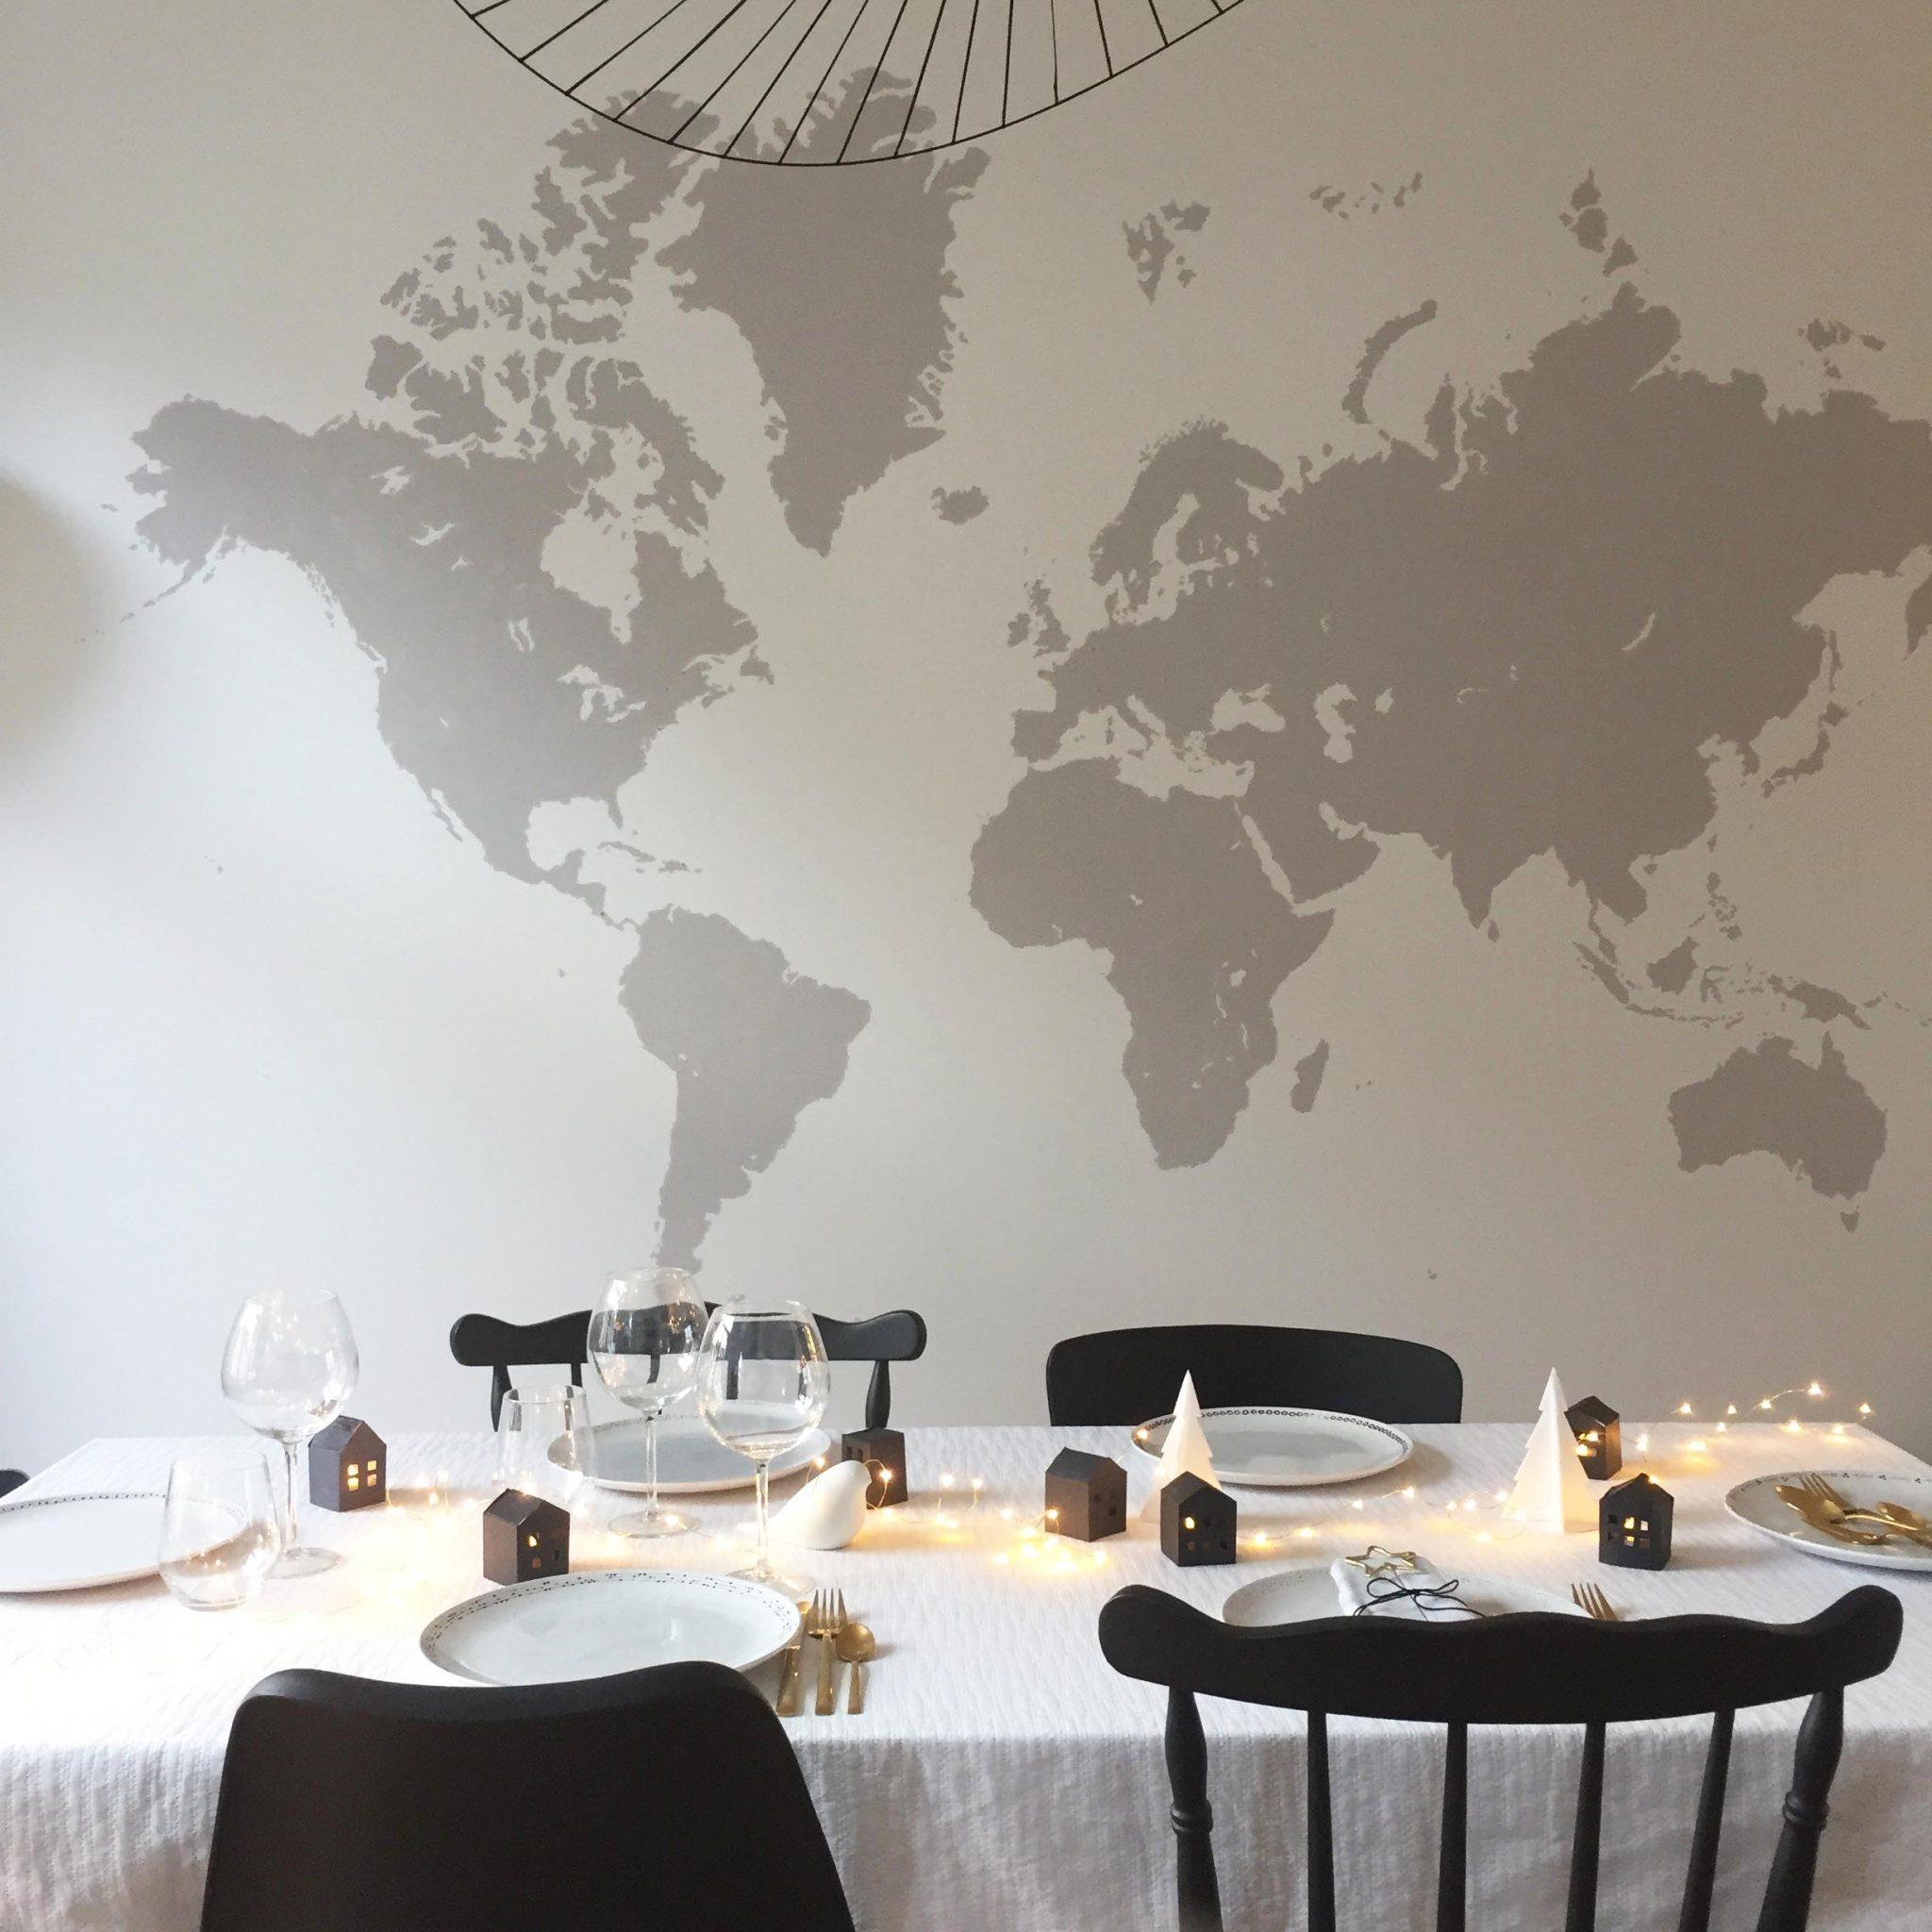 d coration table f tes noel blanc noir skylantern le. Black Bedroom Furniture Sets. Home Design Ideas